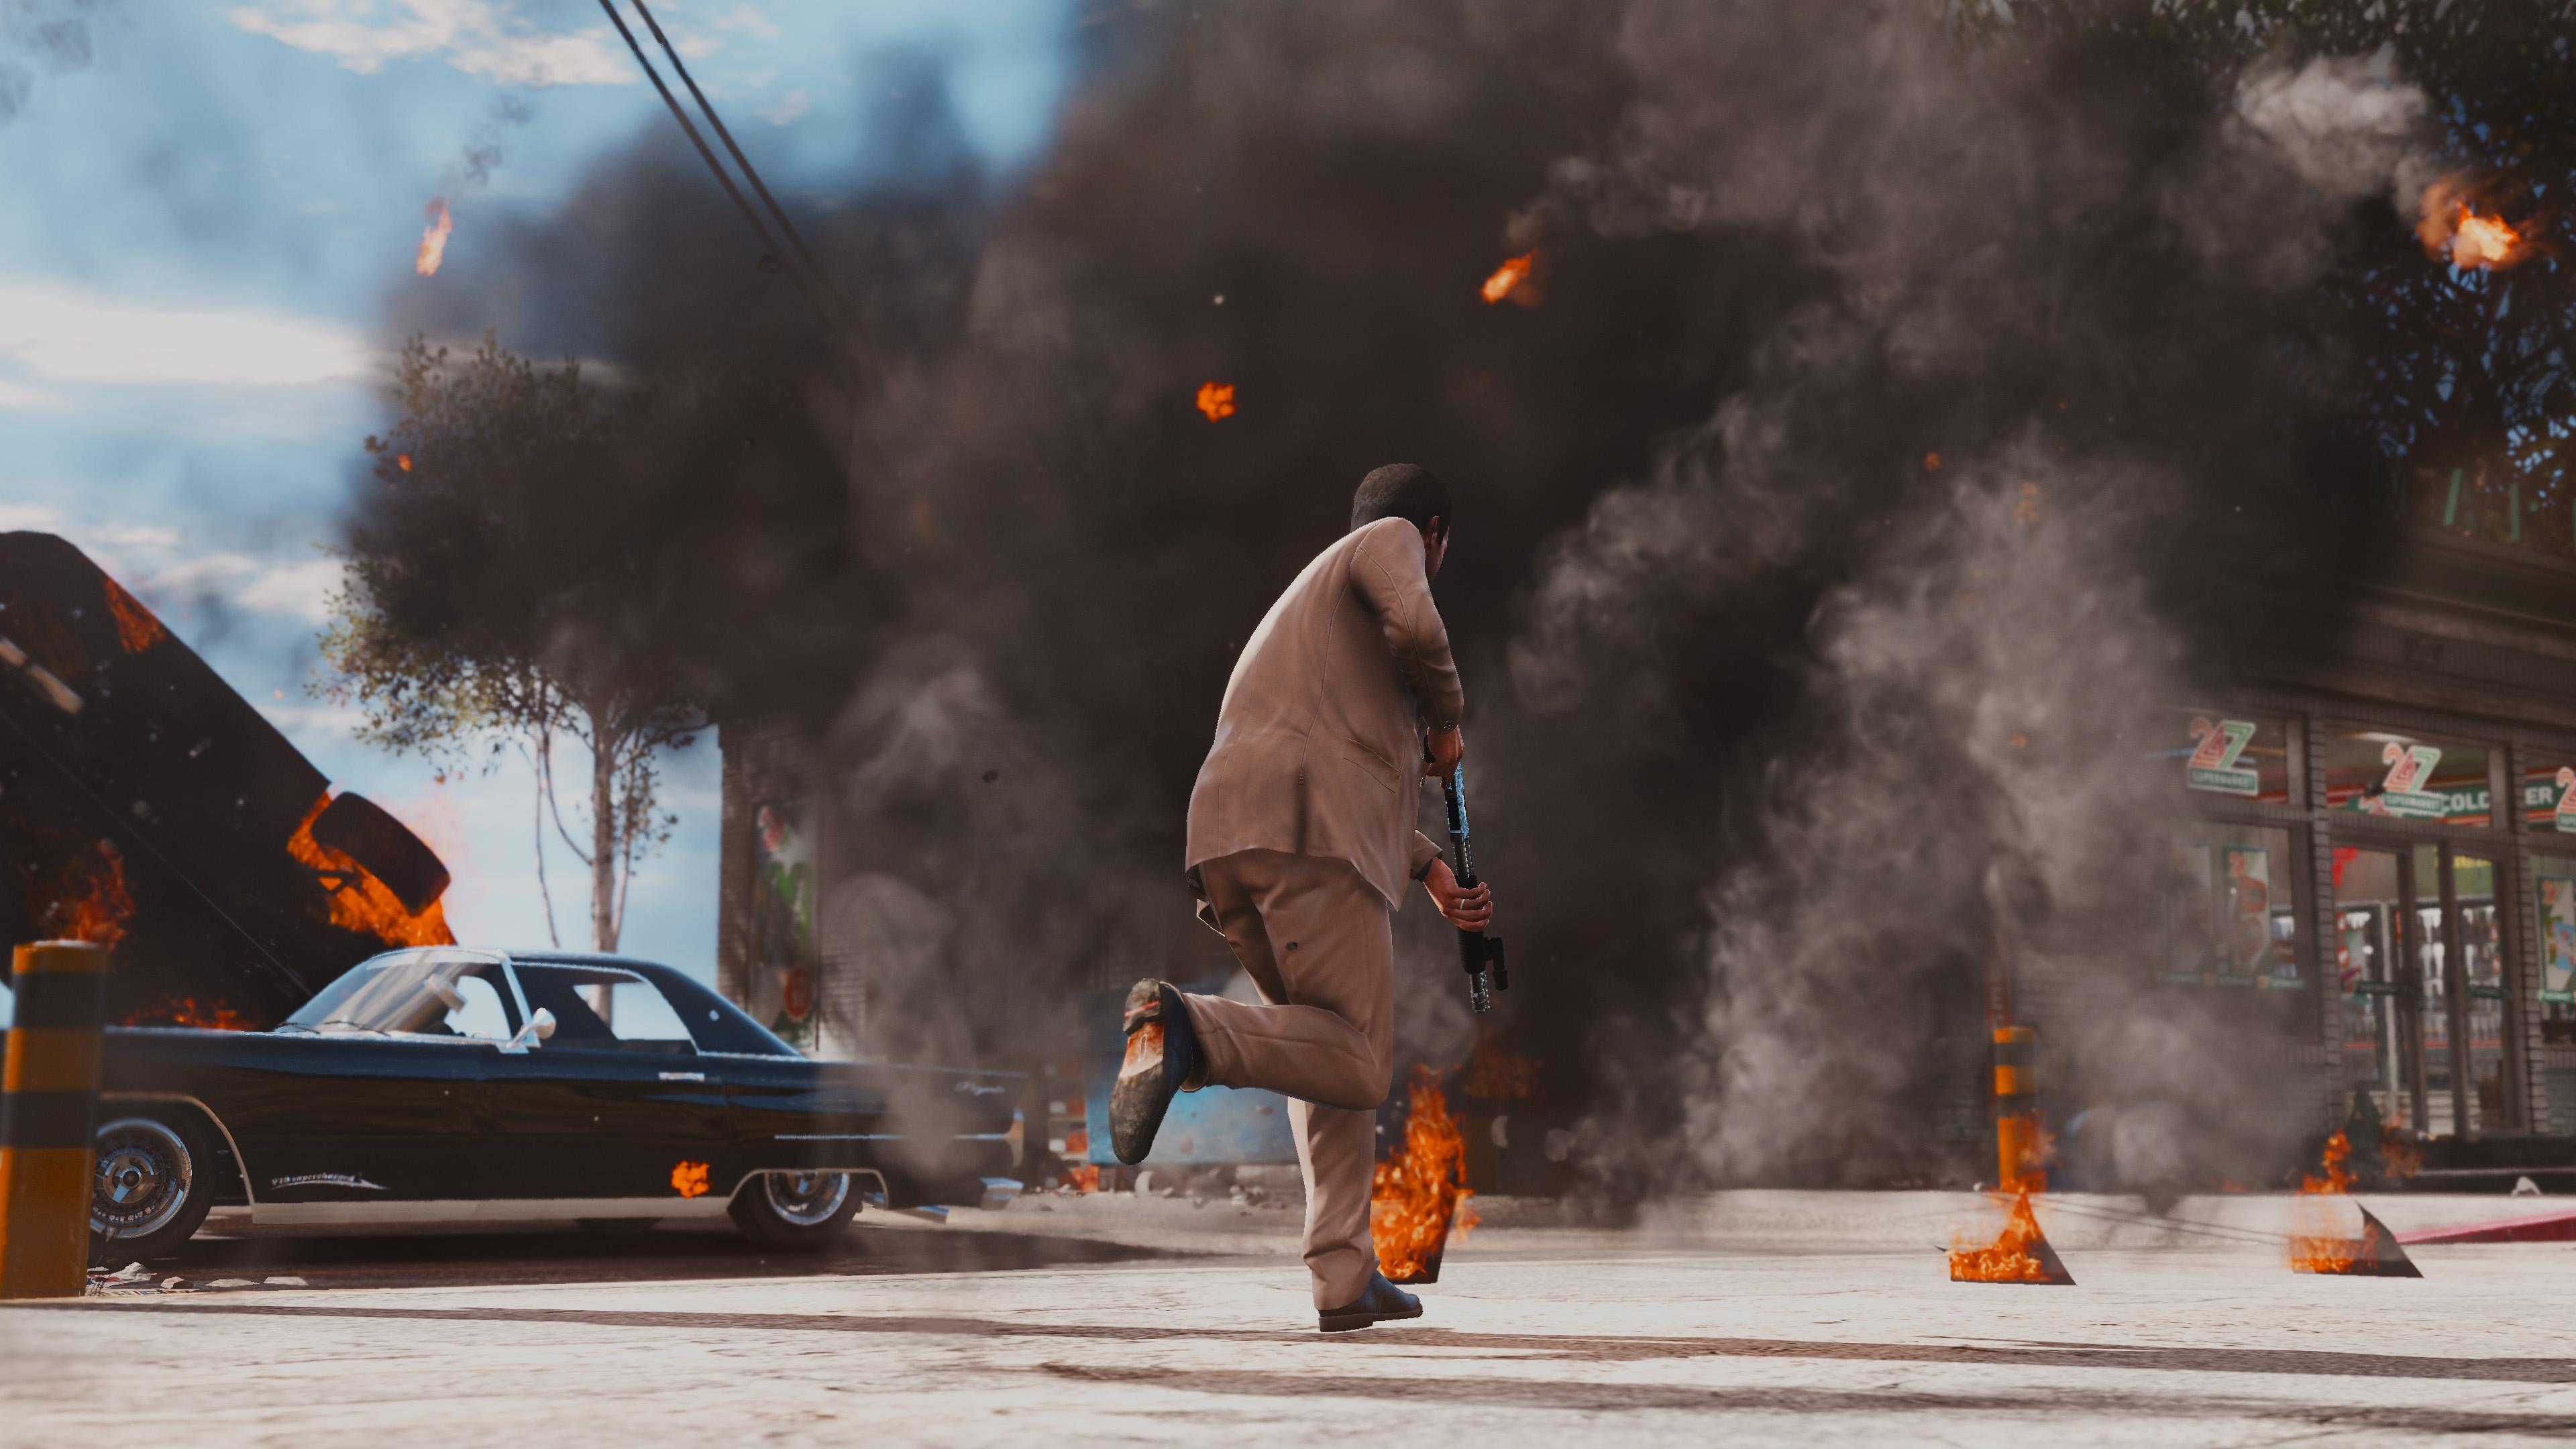 GTA V Redux mod for Grand Theft Auto V - Mod DB